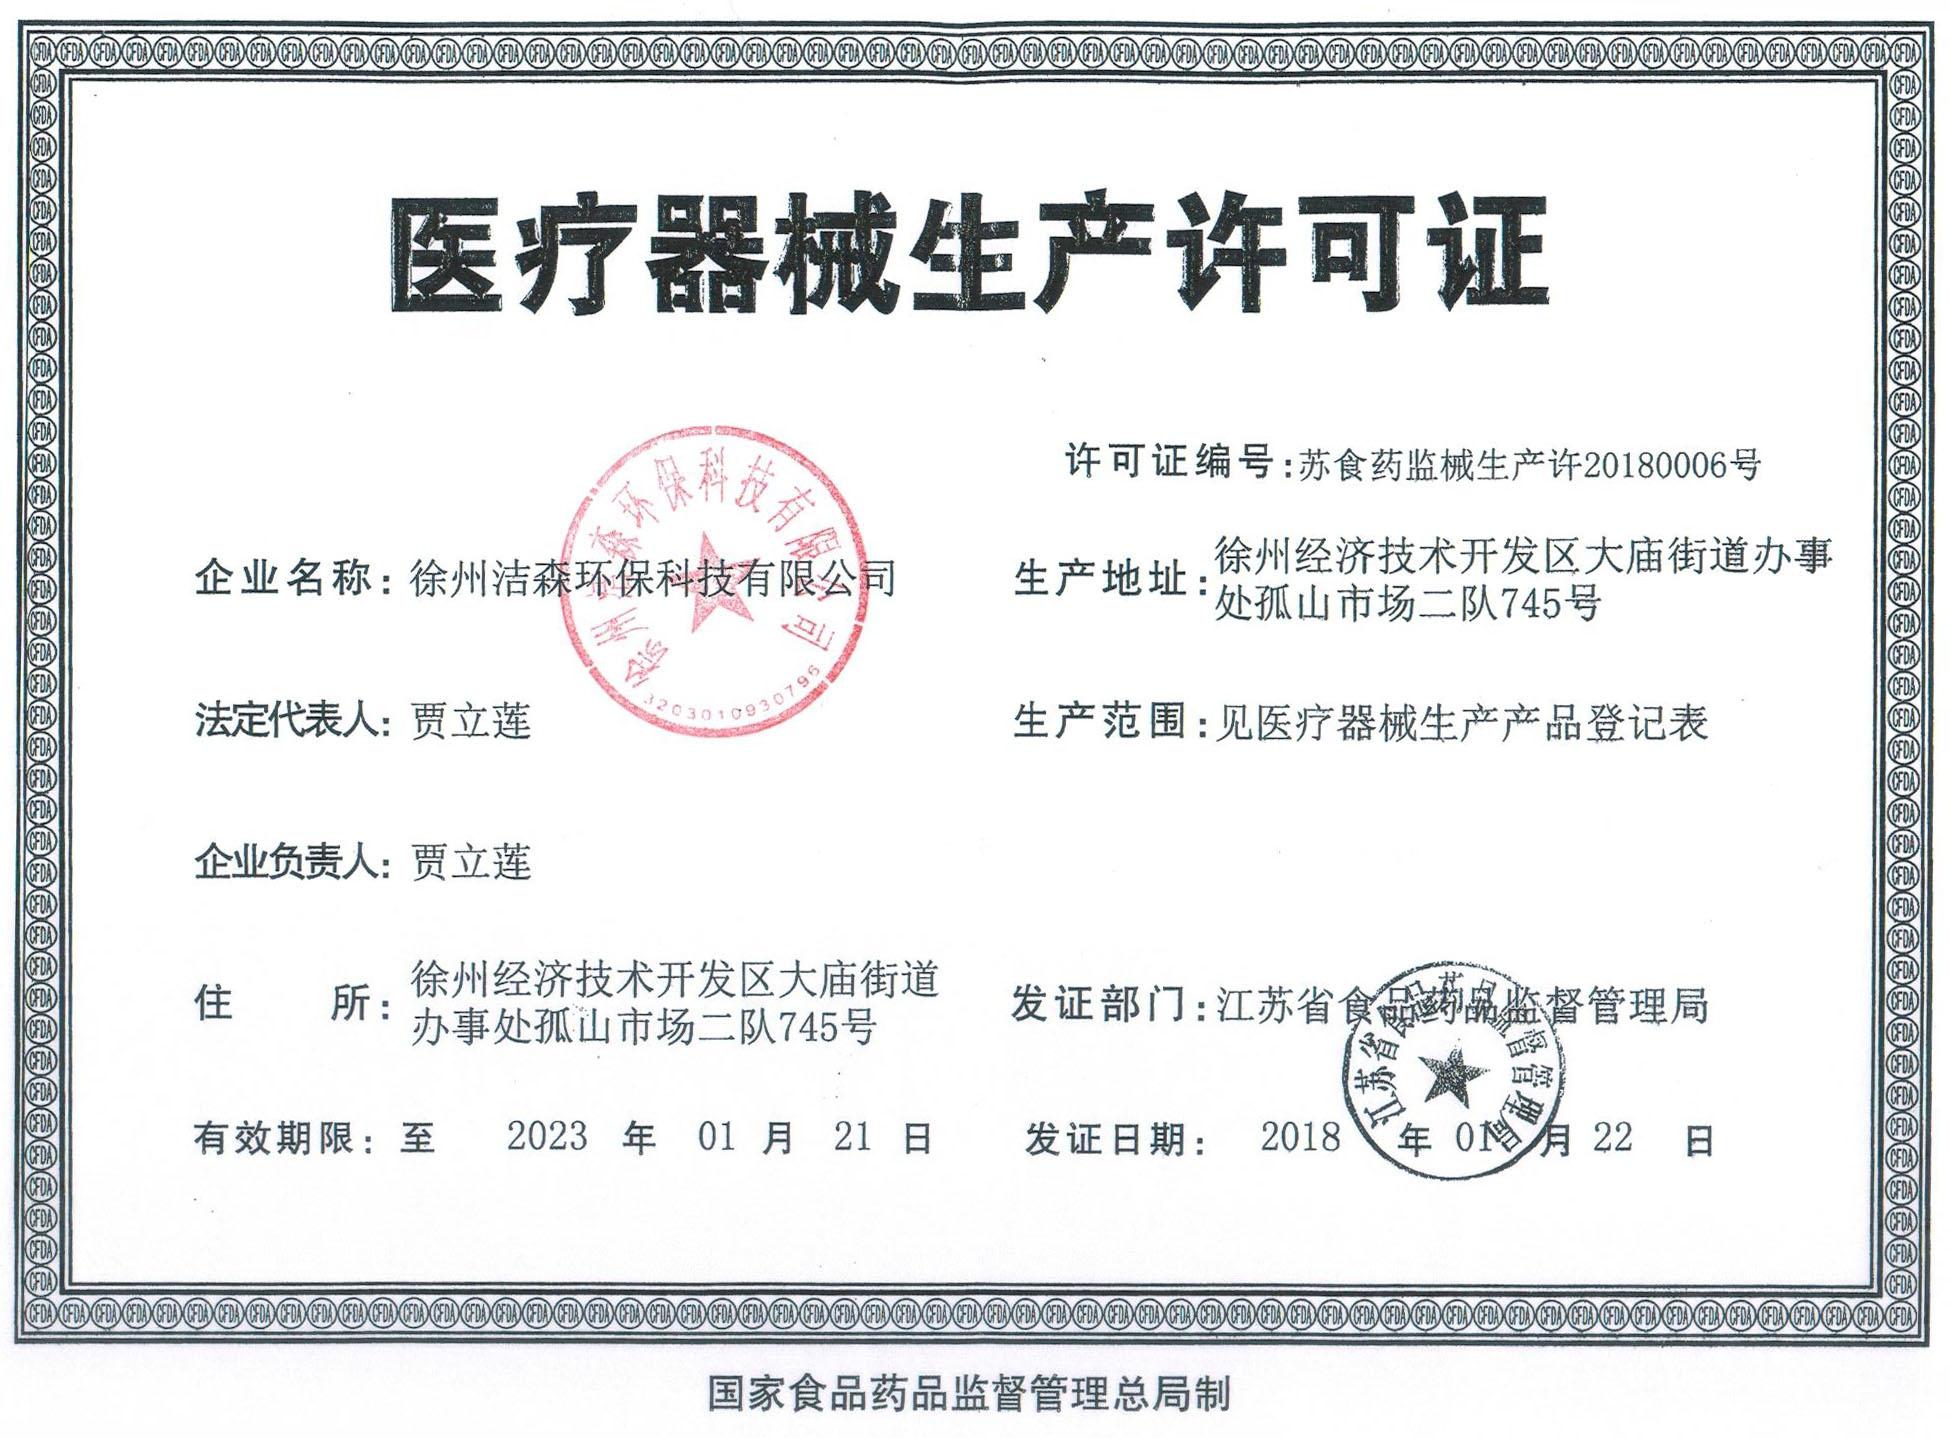 徐州洁森层流床单人无菌室医疗器械生产许可证